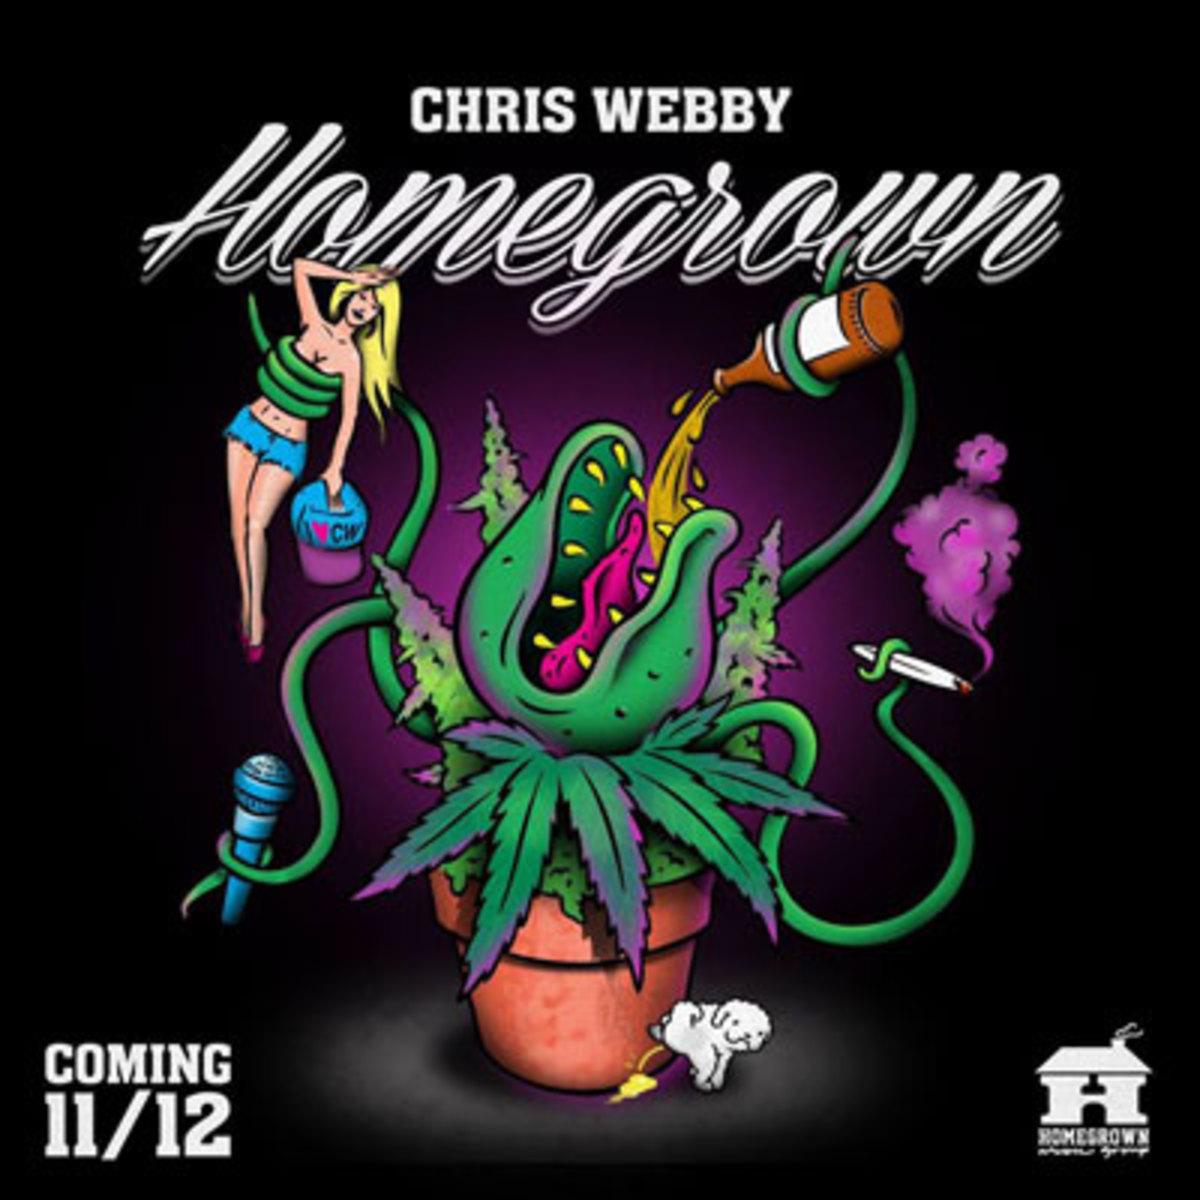 chriswebby-homegrown.jpg